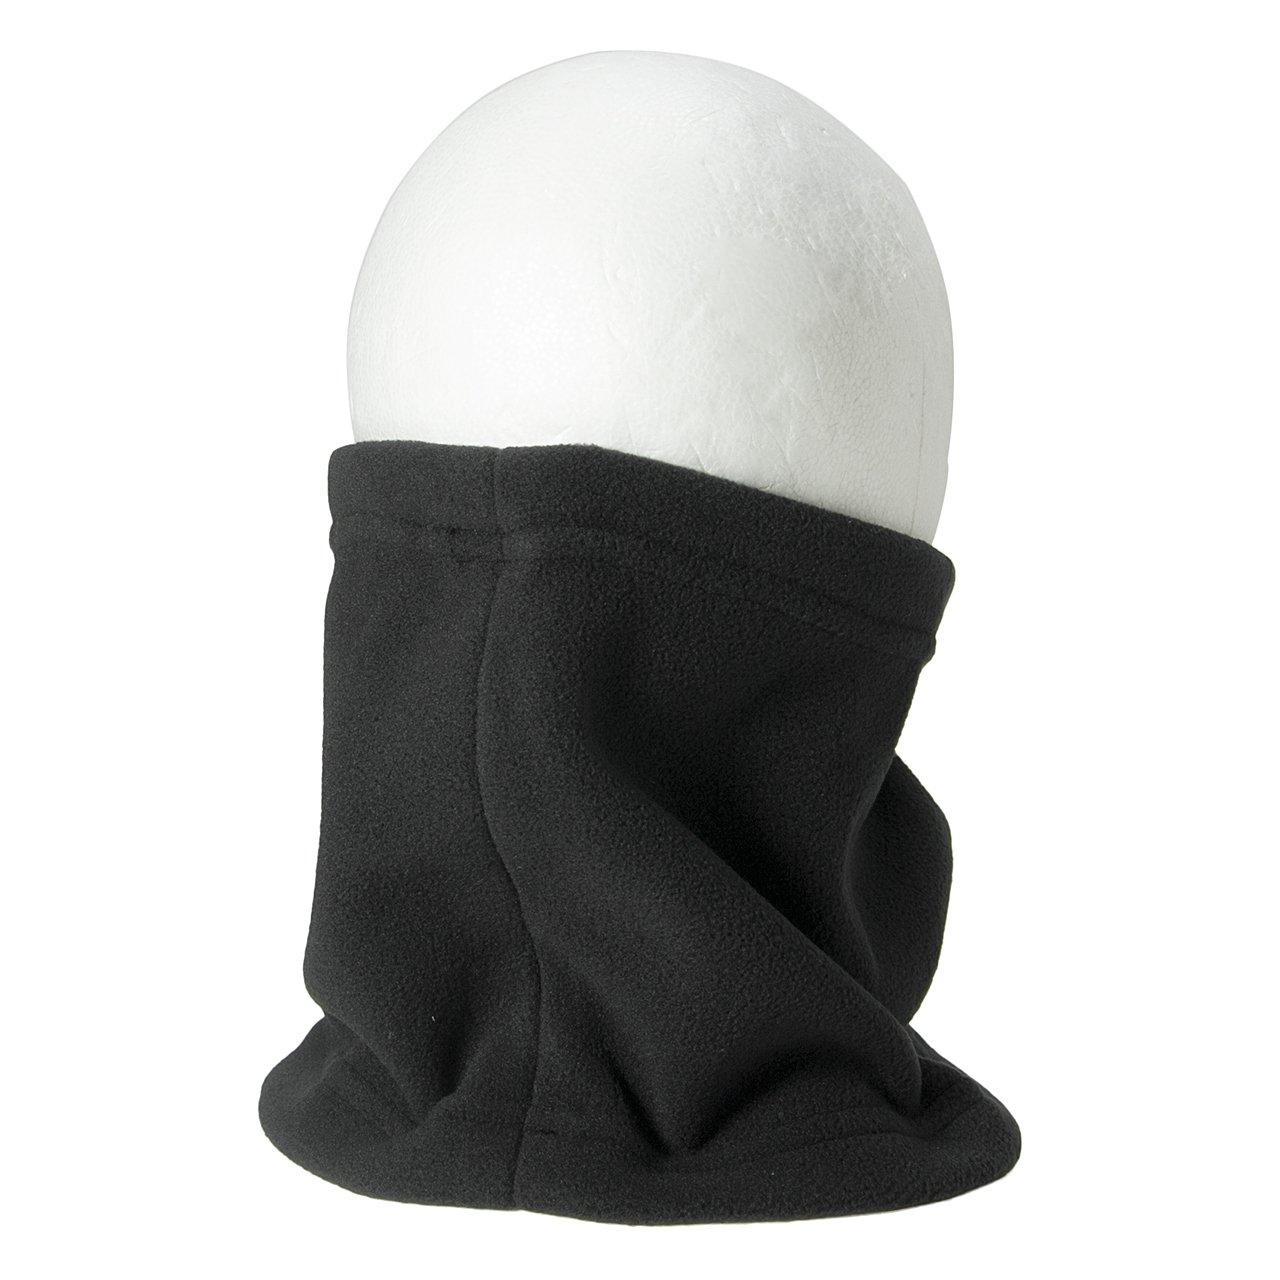 Basic Neck Warmer Black